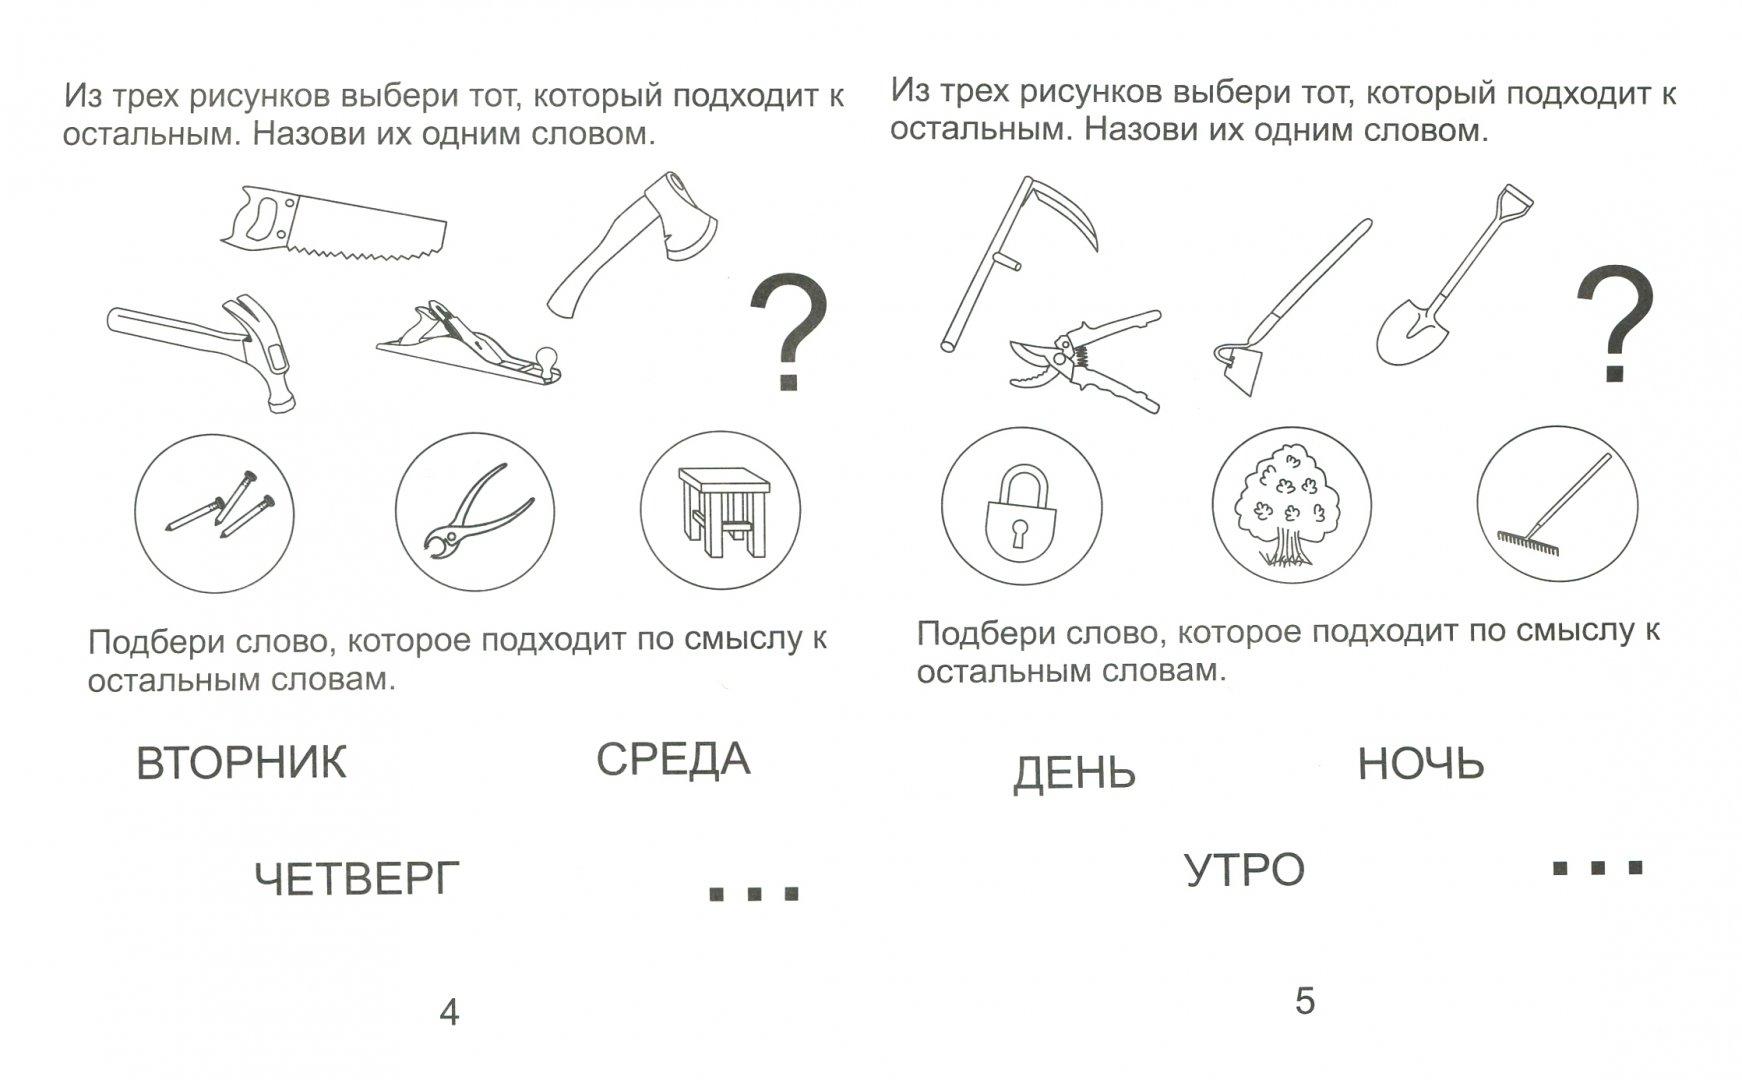 Иллюстрация 1 из 32 для Рабочие тетради дошкольника. Развиваем мыслительные способности (подбираем, обобщаем). Ч. 2. 6-7 лет | Лабиринт - книги. Источник: Лабиринт